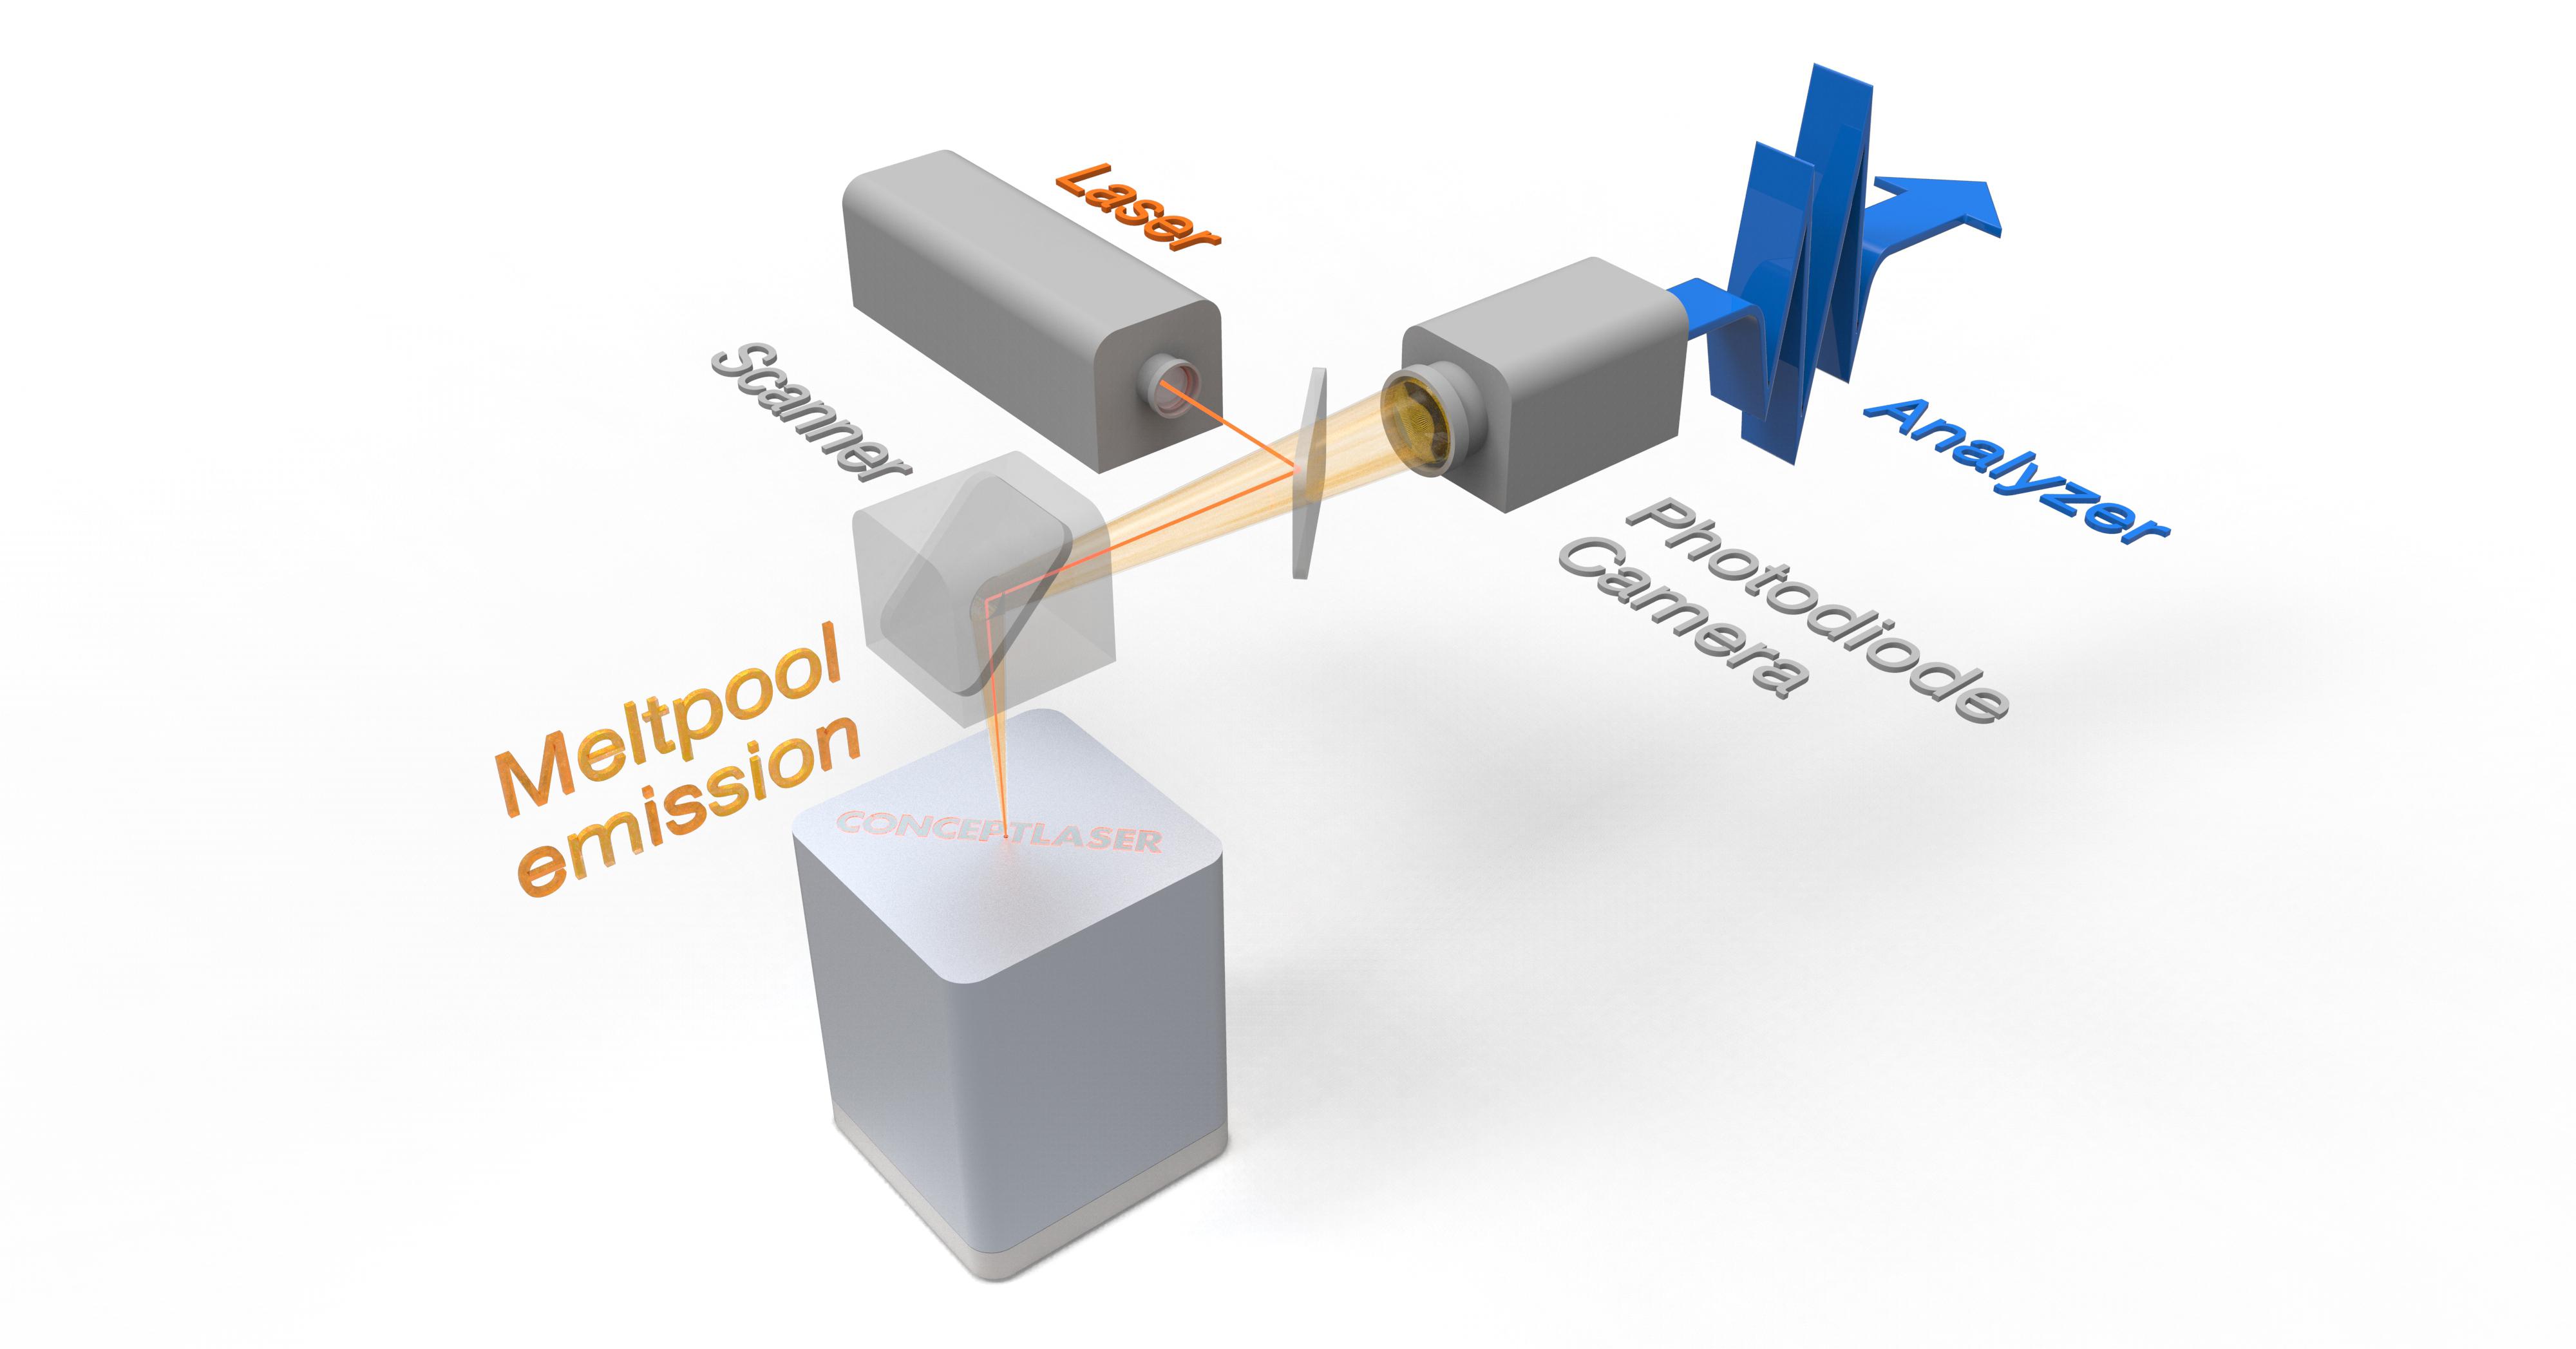 In-situ-Überwachung des Schmelzbades mit QM Meltpool 3D: Eine Photodiode und eine Kamera überwachen koaxial durch die Optik des Lasers positionsgenau das Schmelzbad hinsichtlich Fläche und Intensität.